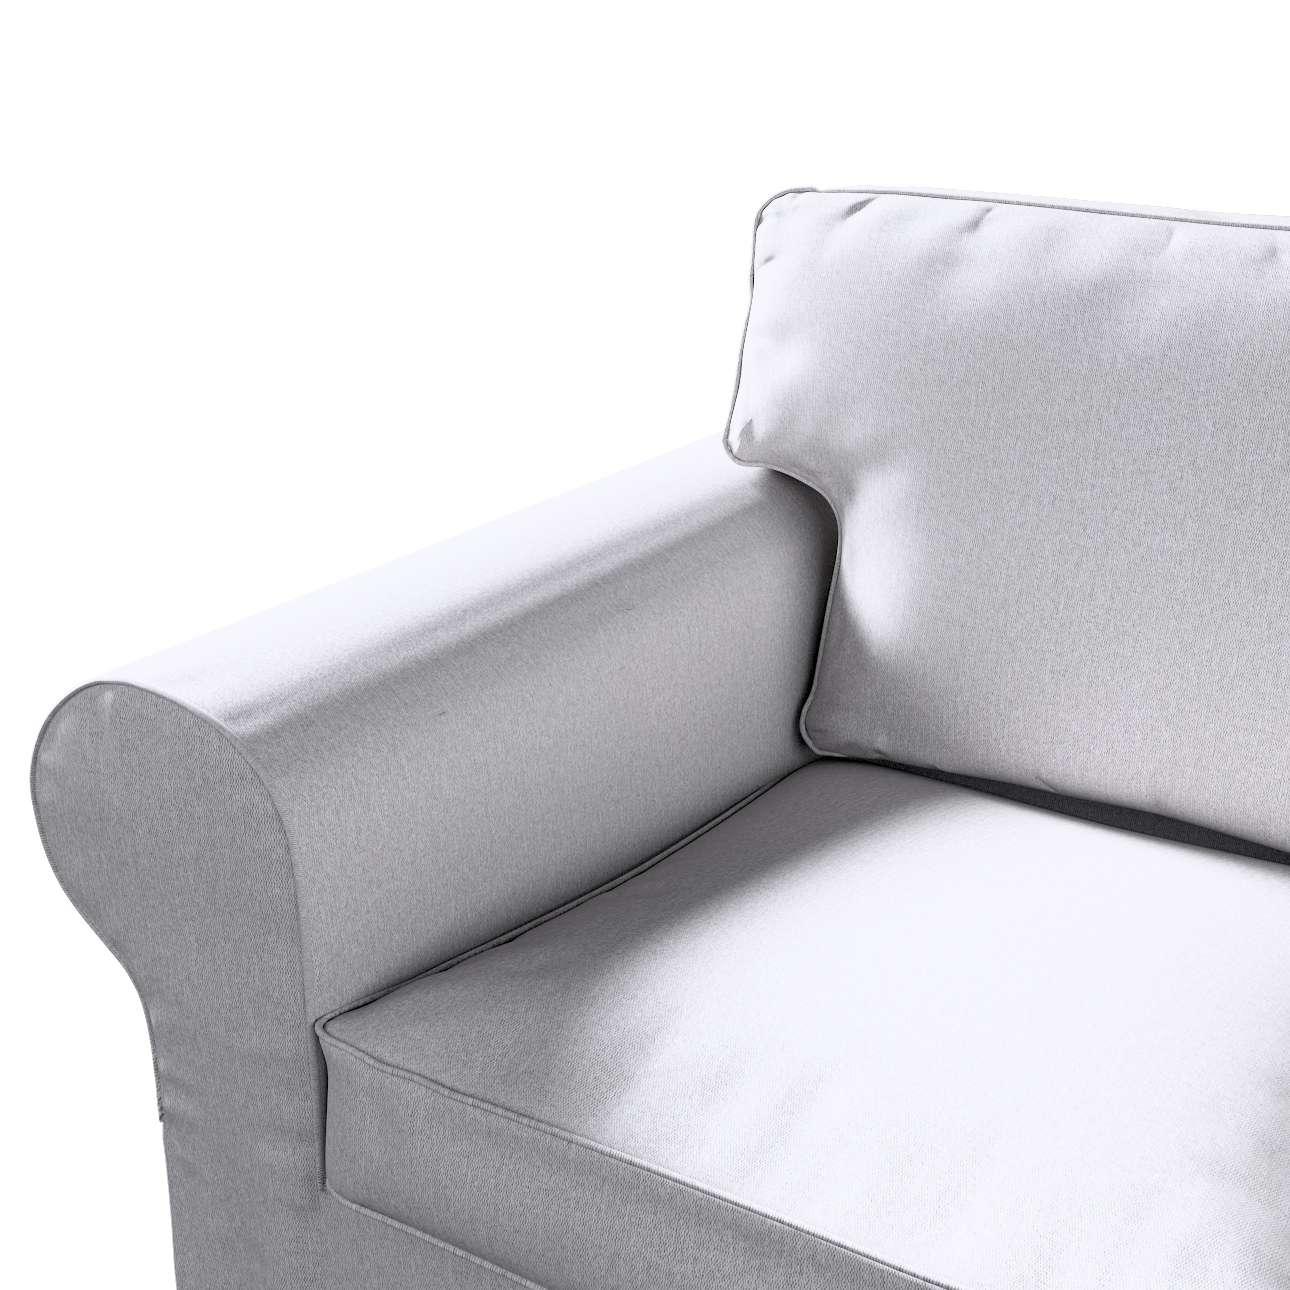 Pokrowiec na sofę Ektorp 2-osobową rozkładaną, model po 2012 w kolekcji Amsterdam, tkanina: 704-45